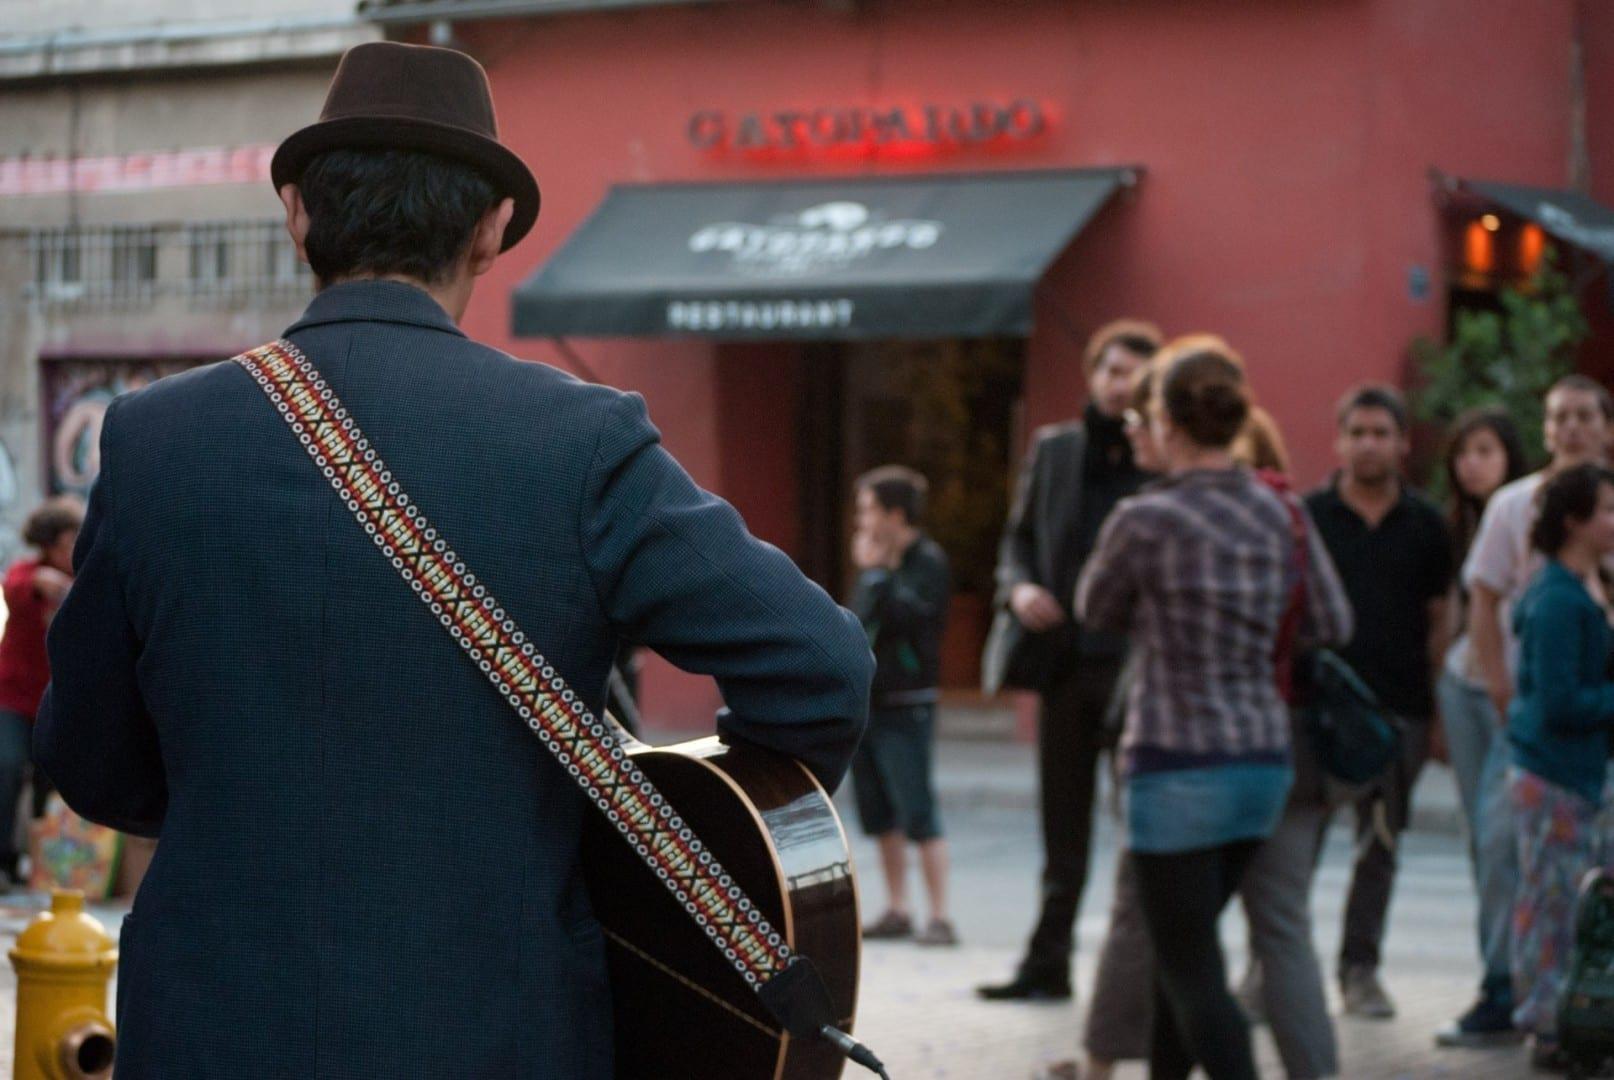 Guitarrista en el Barrio Lastarria Santiago de Chile Chile